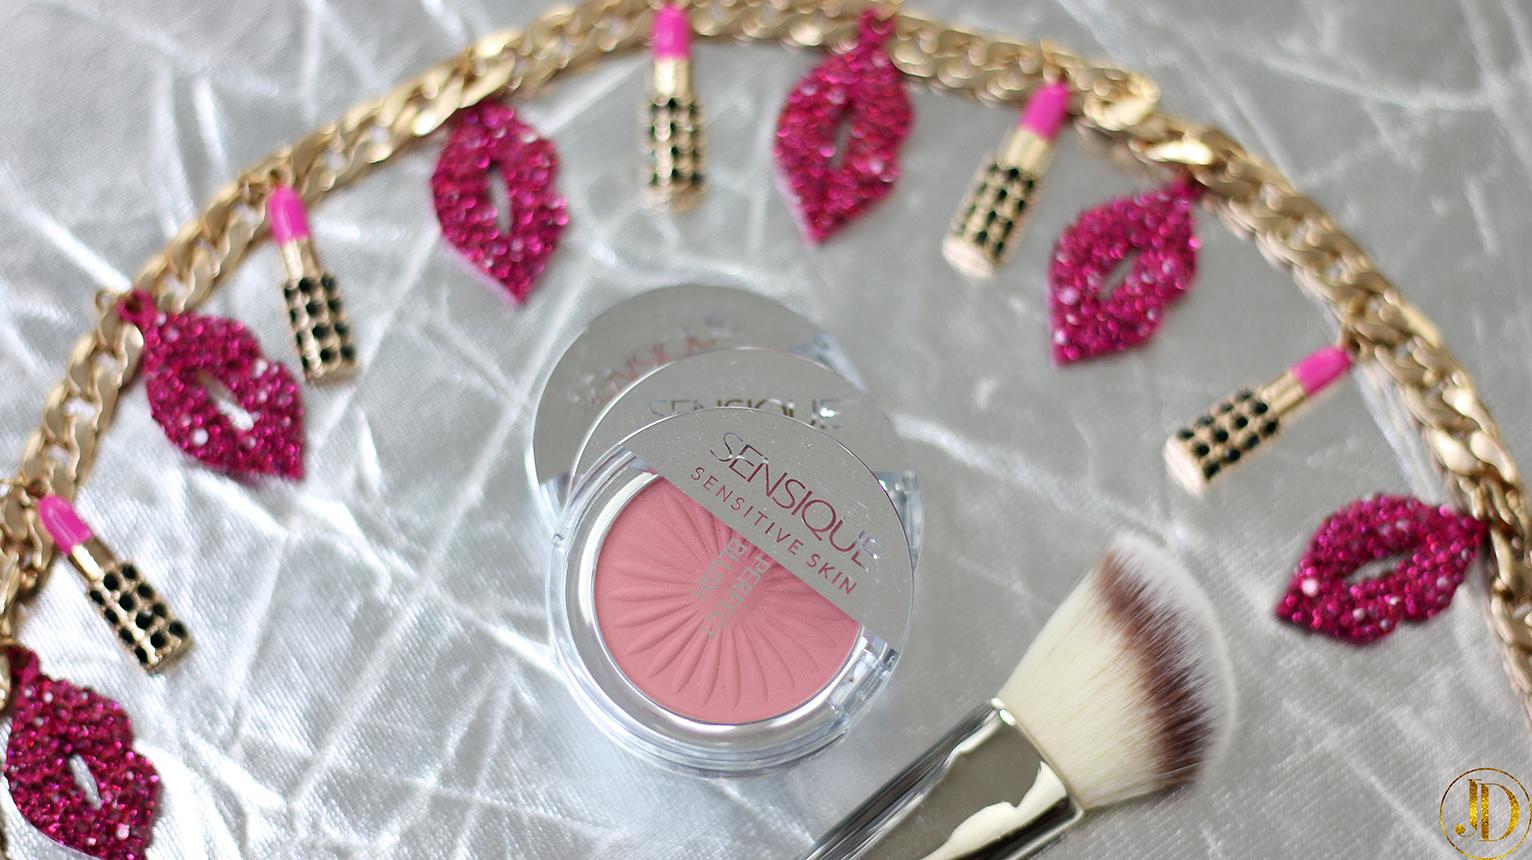 RÓŻE SĄ FAJNE! - recenzja róży od Sensqiue Perfect Blush z serii Sensitive Skin